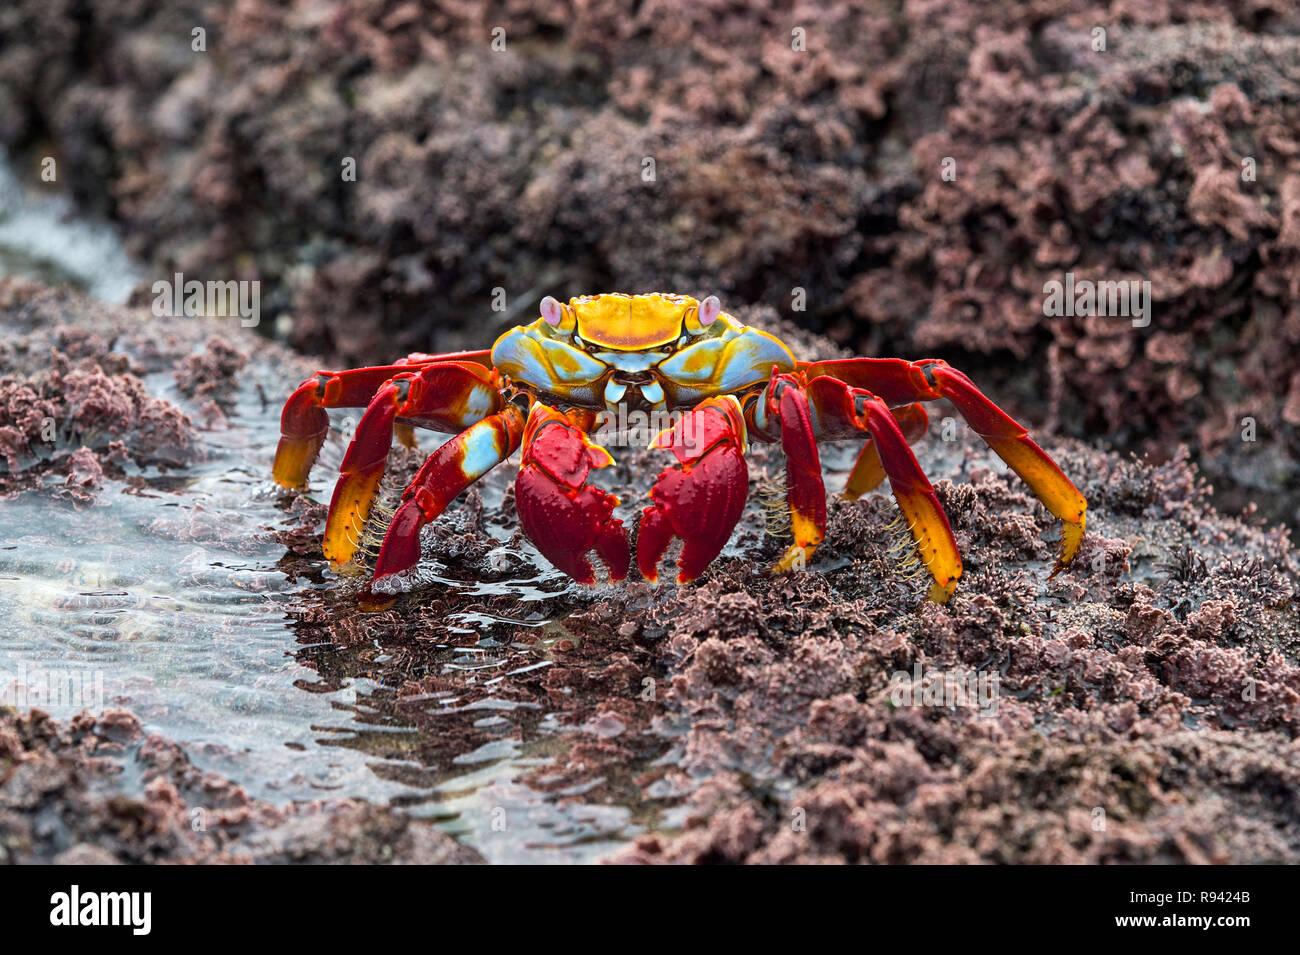 Sally Lightfoot Crab (Grapsus grapsus), Marsh crabs family (Grapsidae), Isabela Island, Galapagos Islands, Ecuador - Stock Image